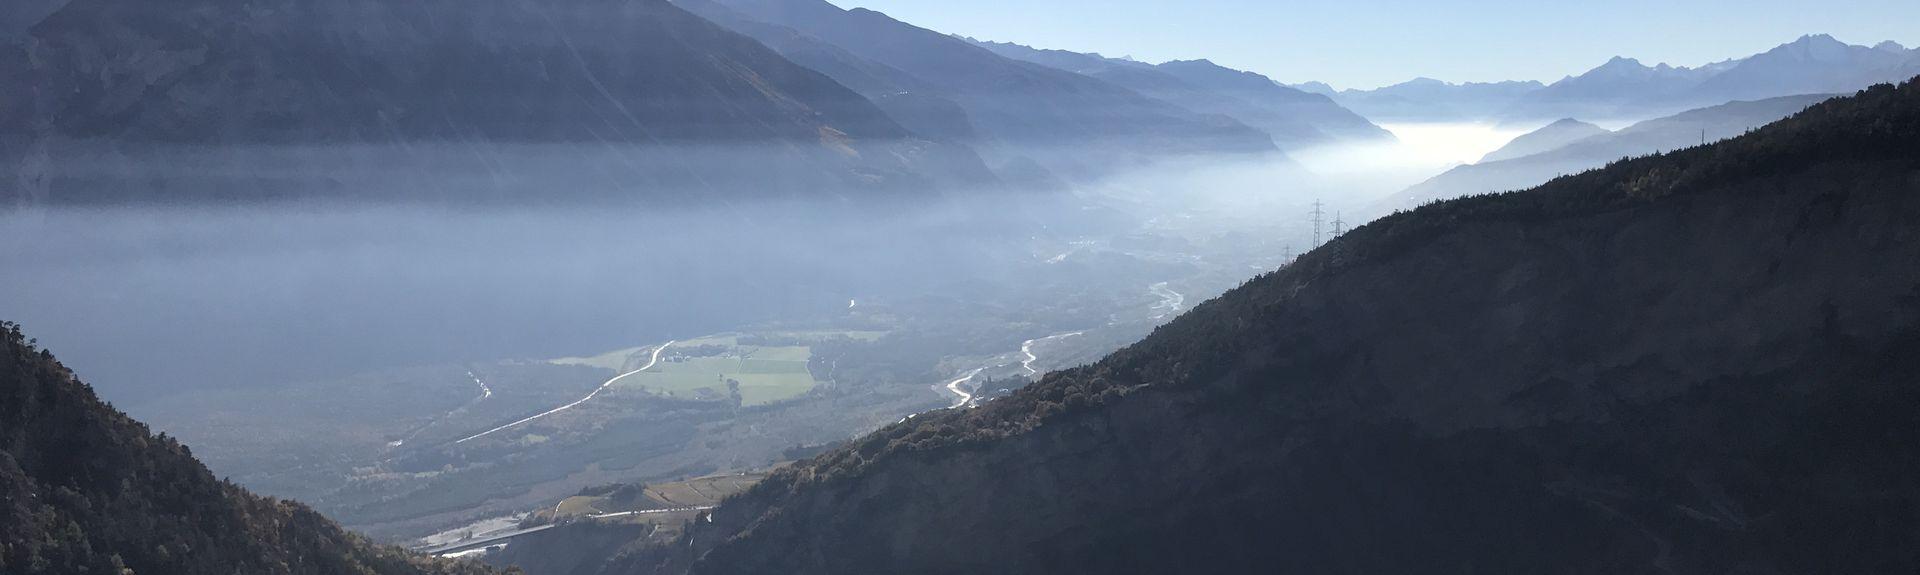 Lauchernalp, Wiler, Cantón del Valais, Suiza